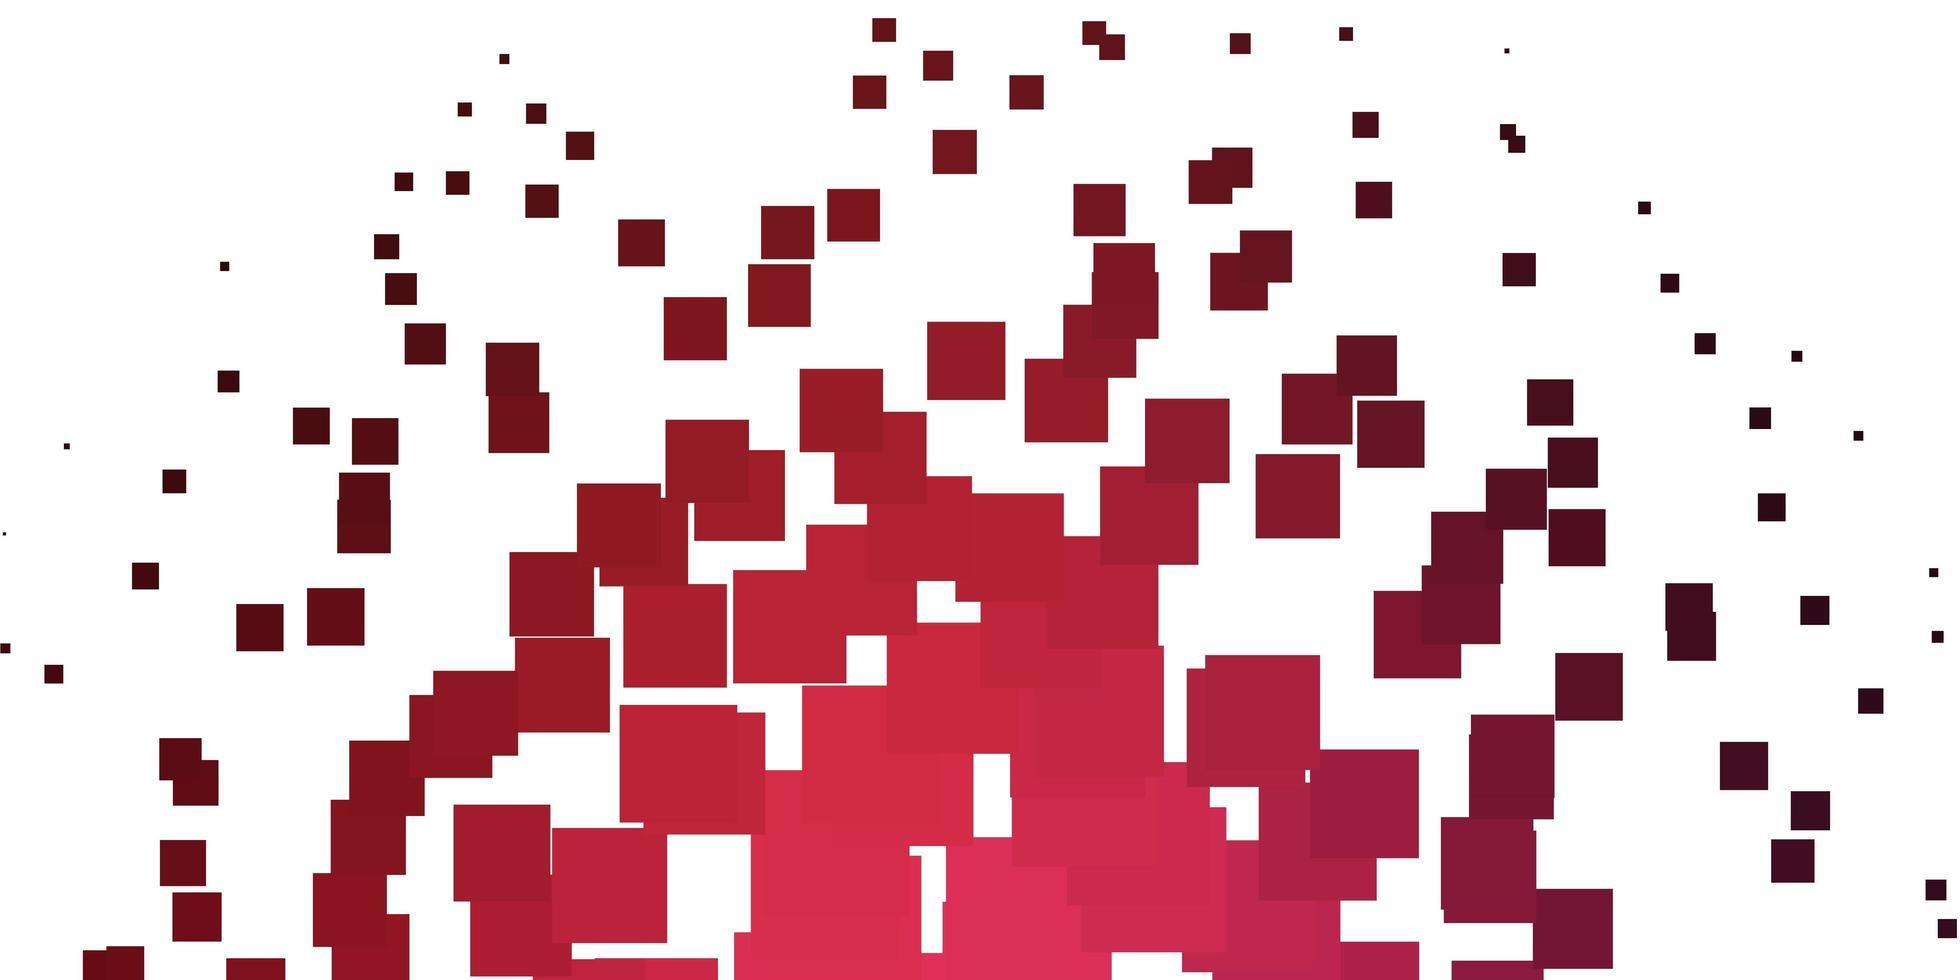 hellrosa, rotes Vektorlayout mit Linien, Rechtecken. vektor